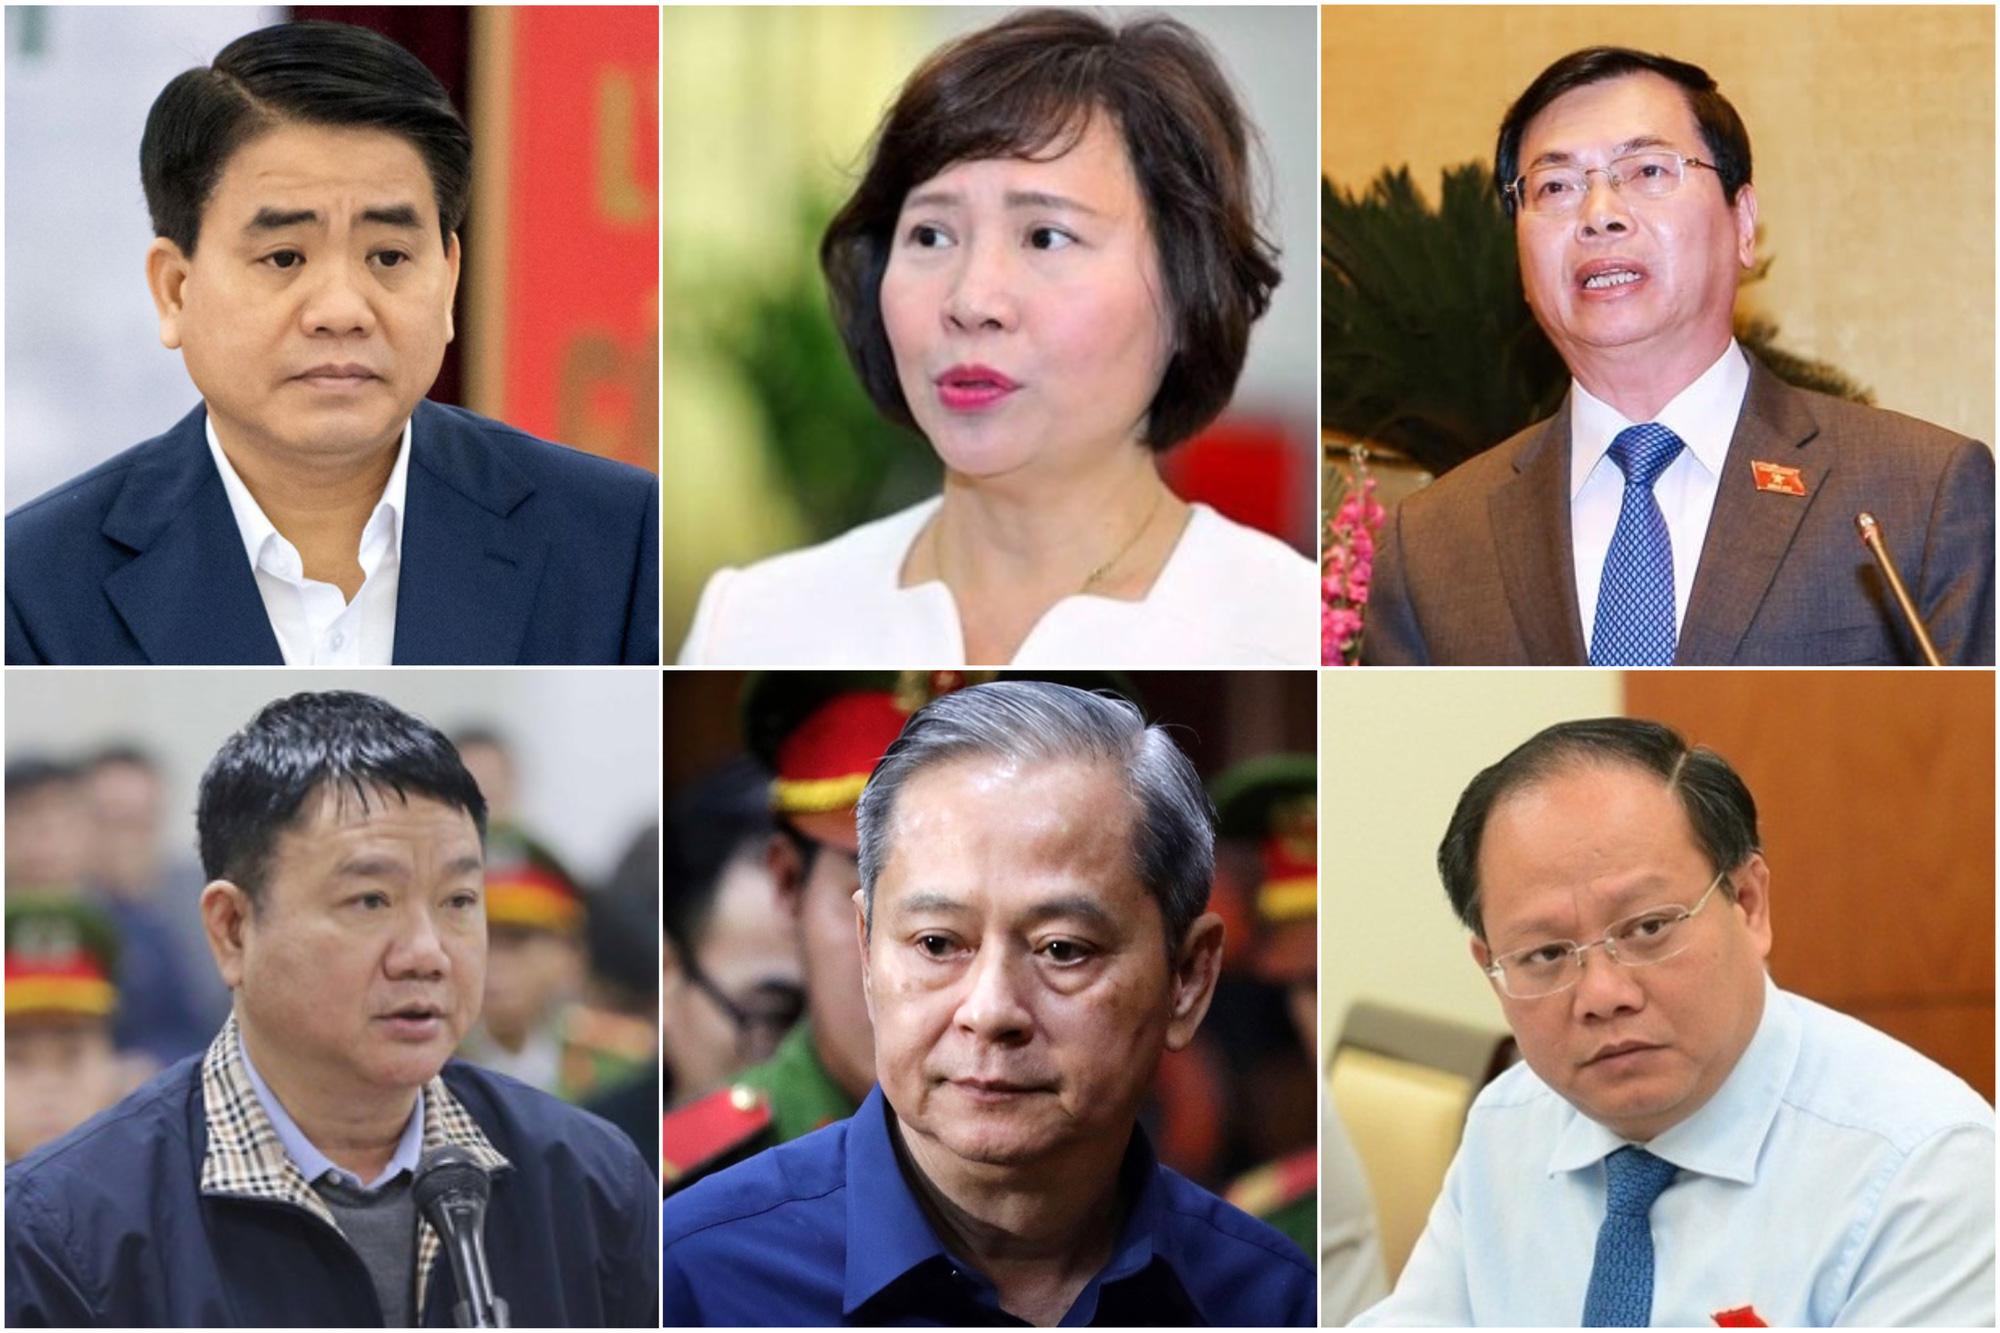 Đại tướng Tô Lâm: Phòng chống tham nhũng sẽ mạnh mẽ hơn, hiệu quả hơn - Ảnh 3.